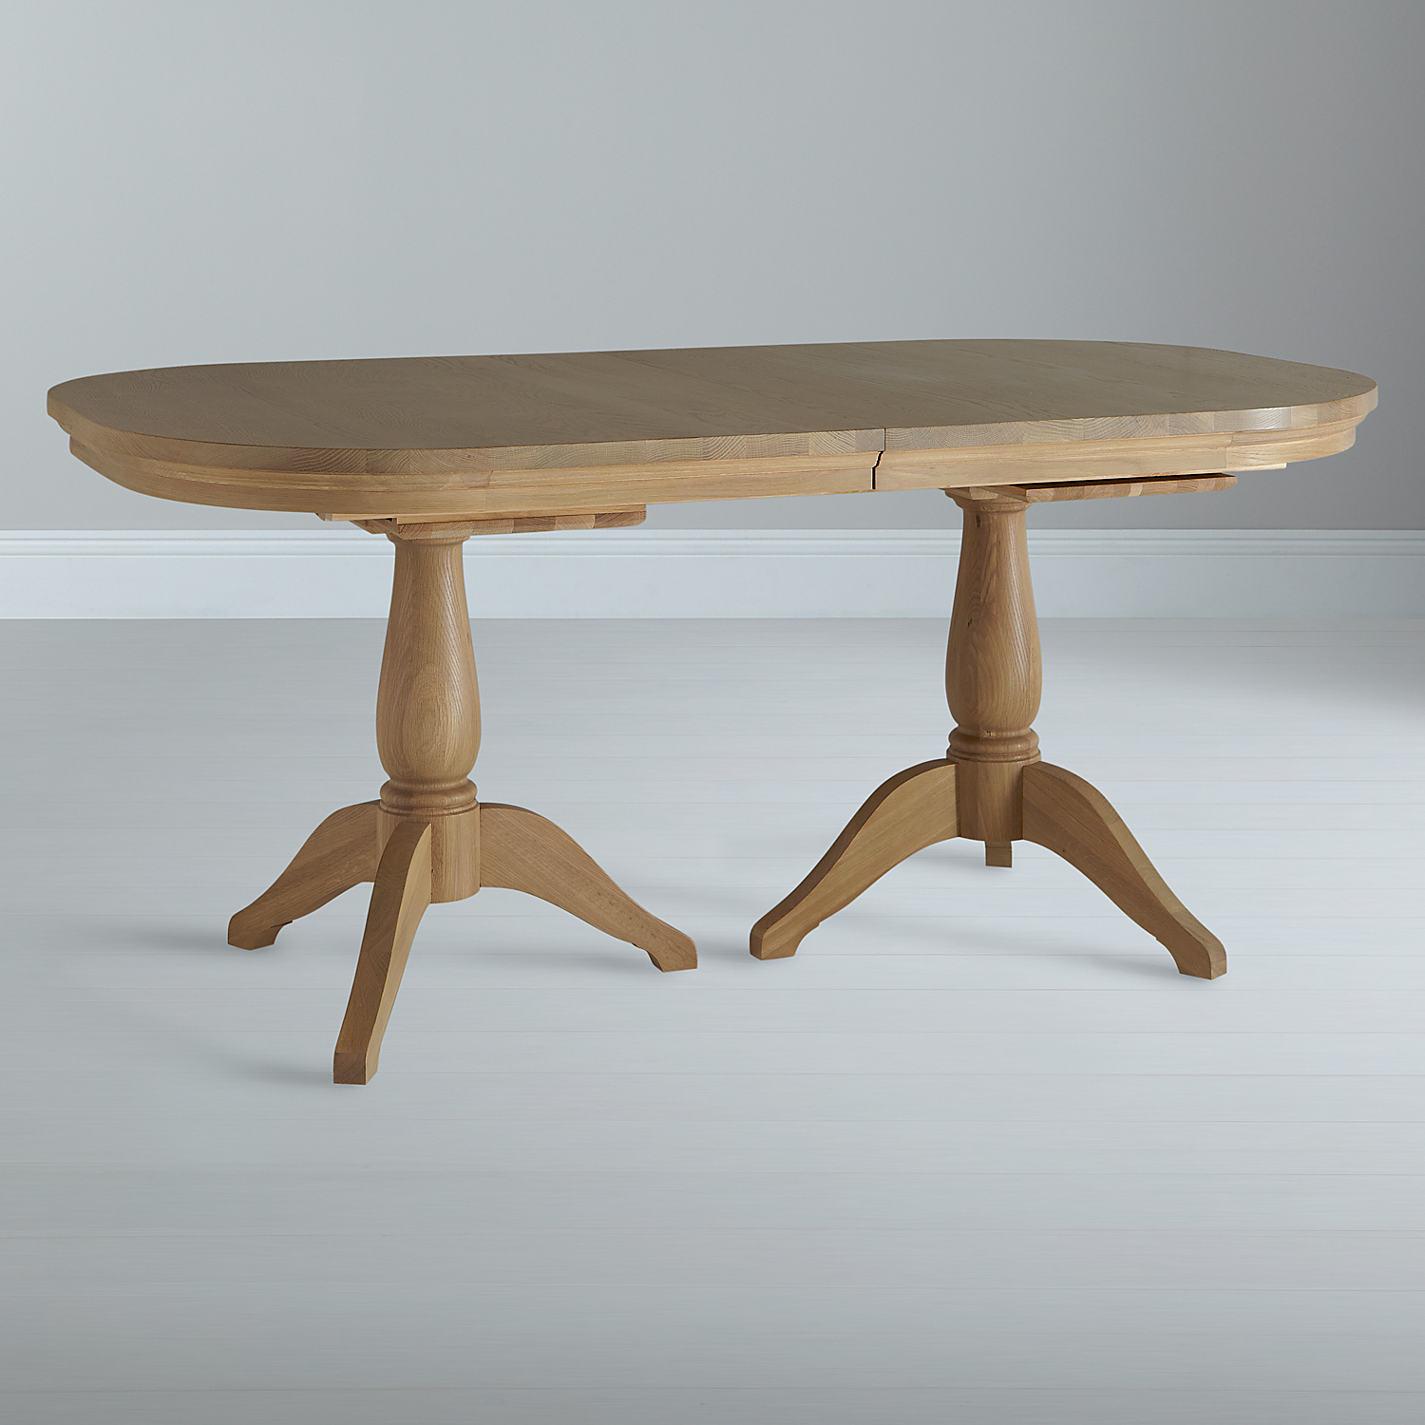 ... Buy Neptune Henley Oval 170-270cm Extending Oak Dining Table, Oak  Online at johnlewis ...